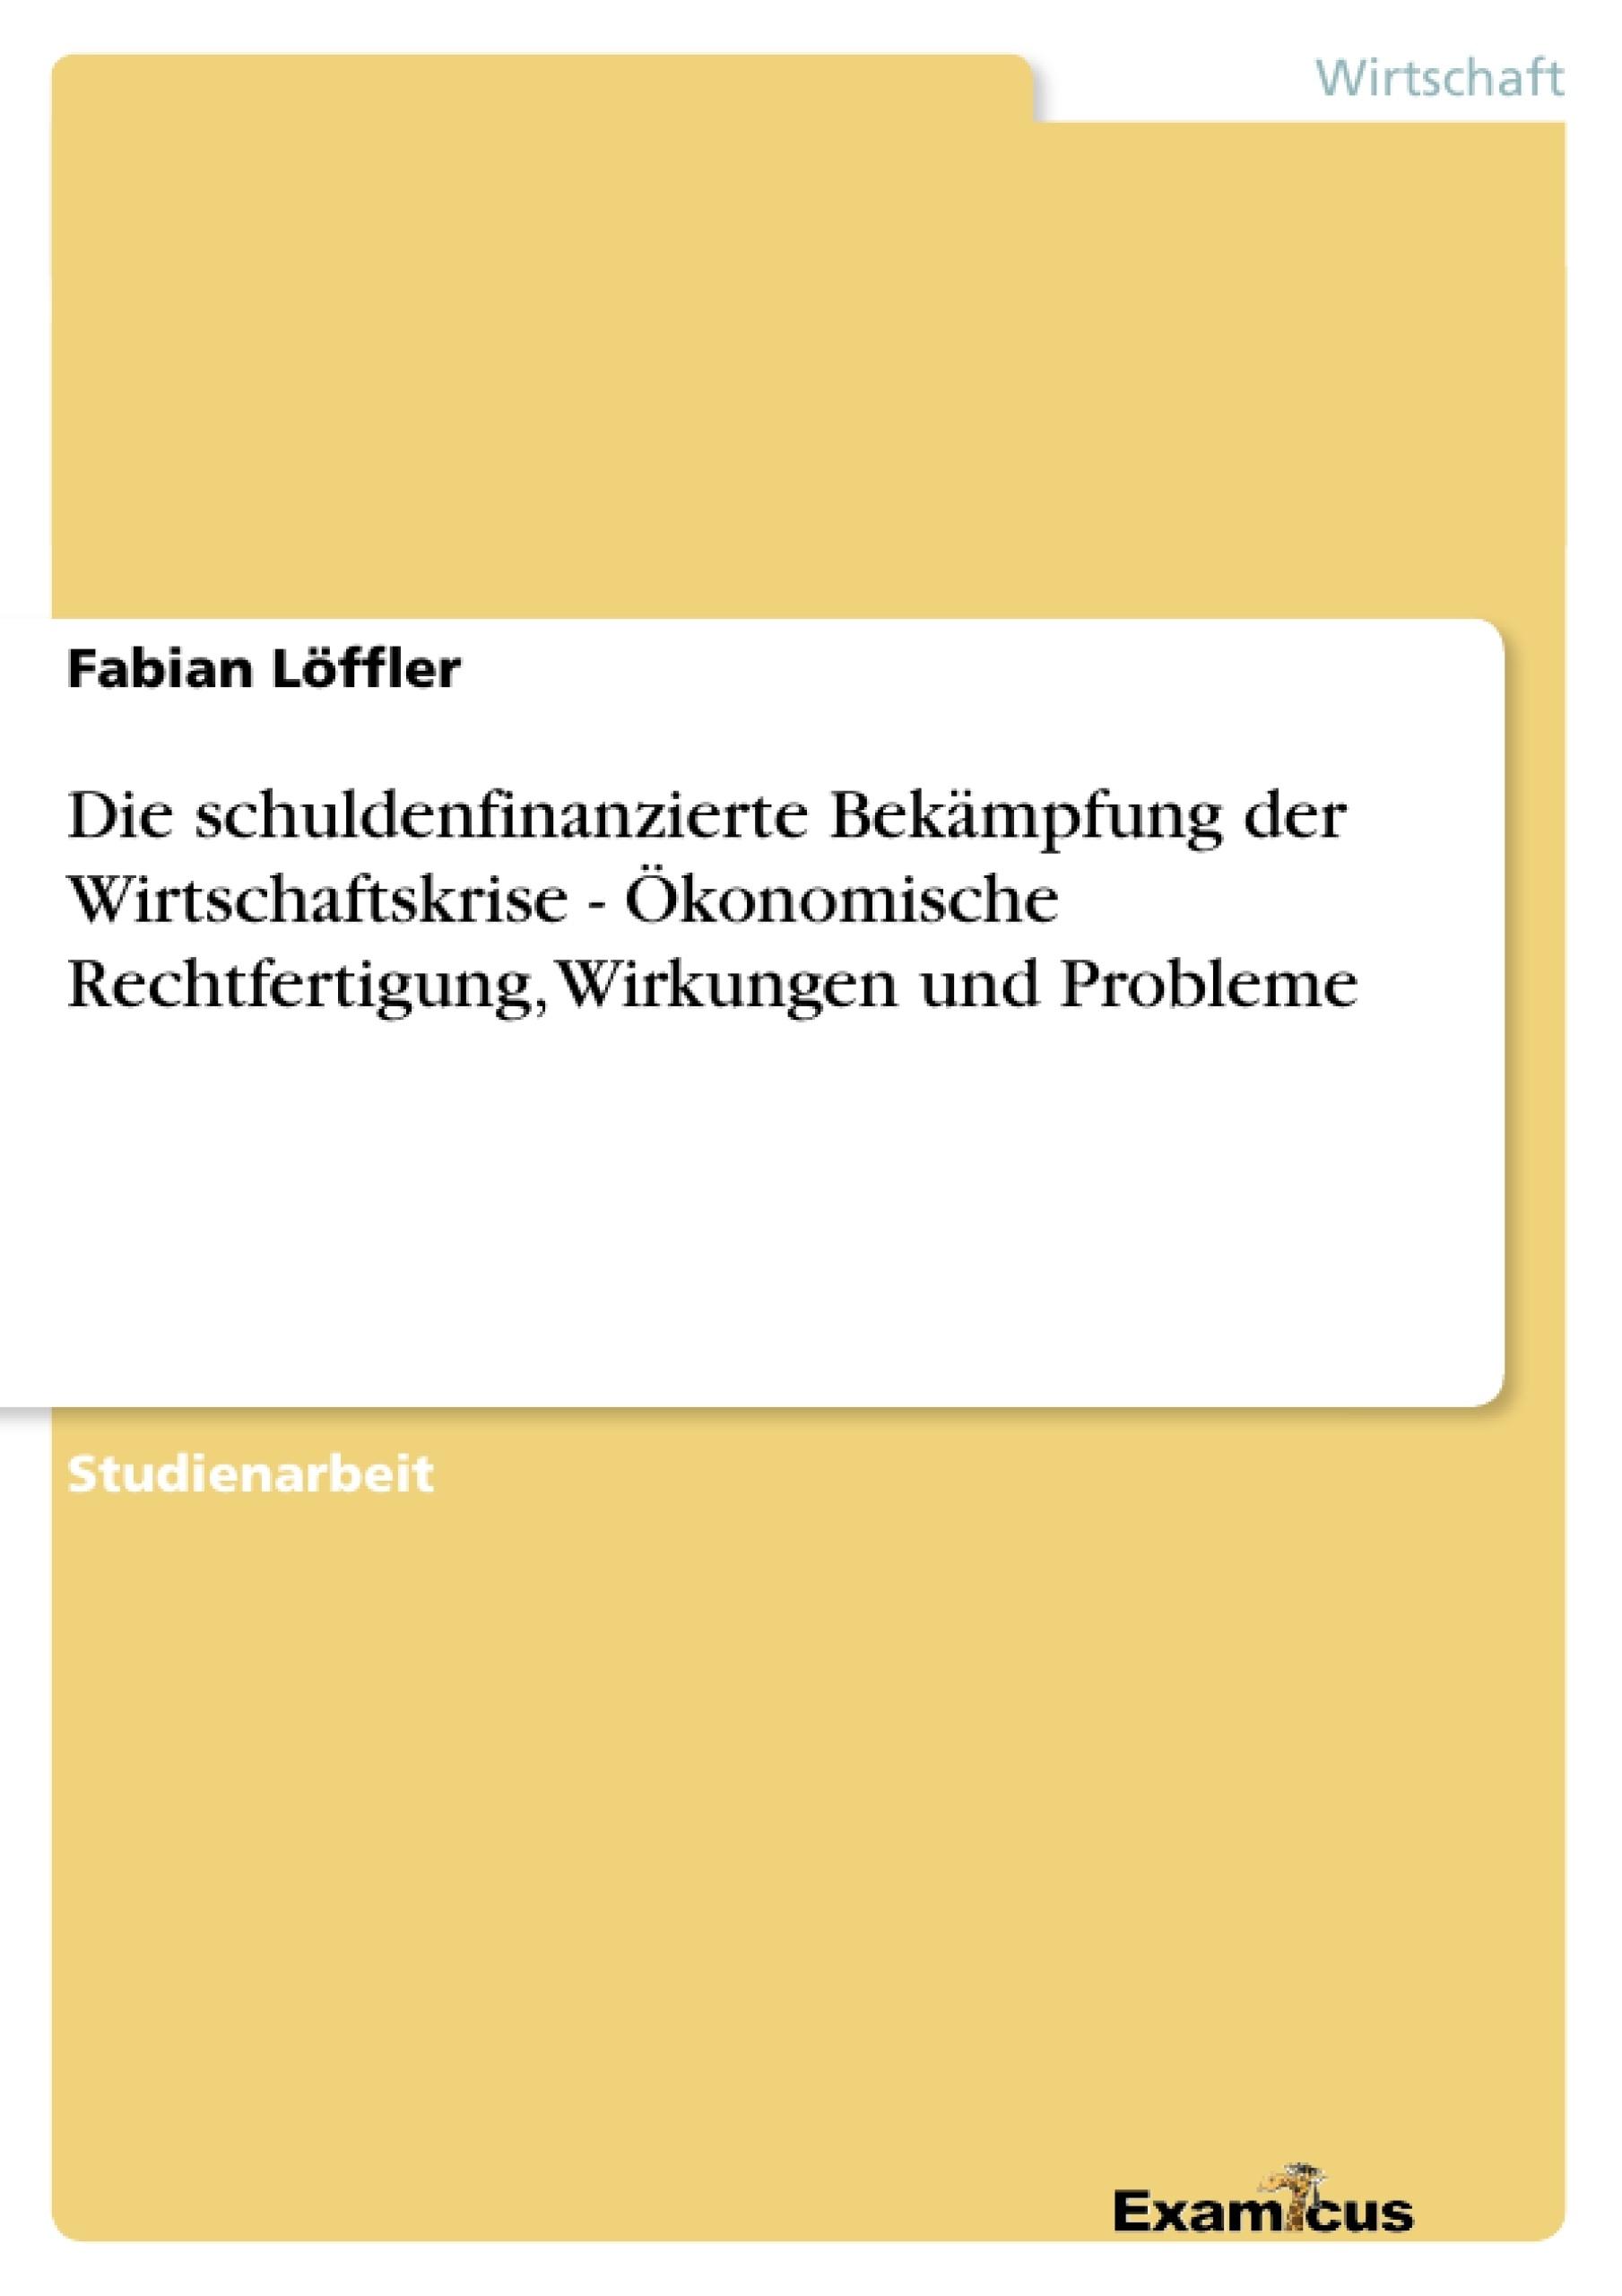 Titel: Die schuldenfinanzierte Bekämpfung der Wirtschaftskrise - Ökonomische Rechtfertigung, Wirkungen und Probleme